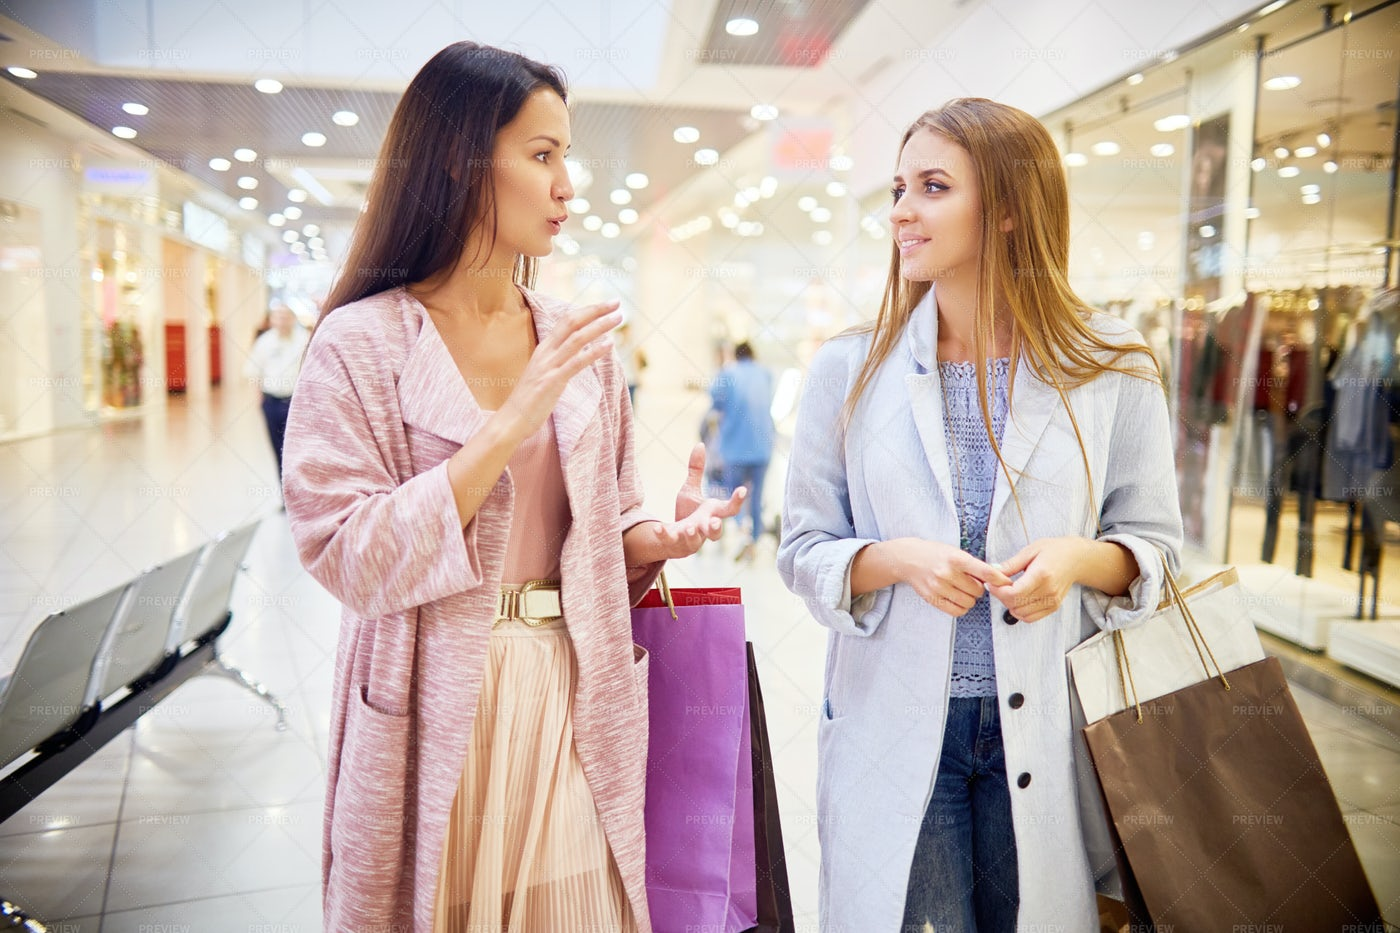 Two Young Women Enjoying Shopping: Stock Photos